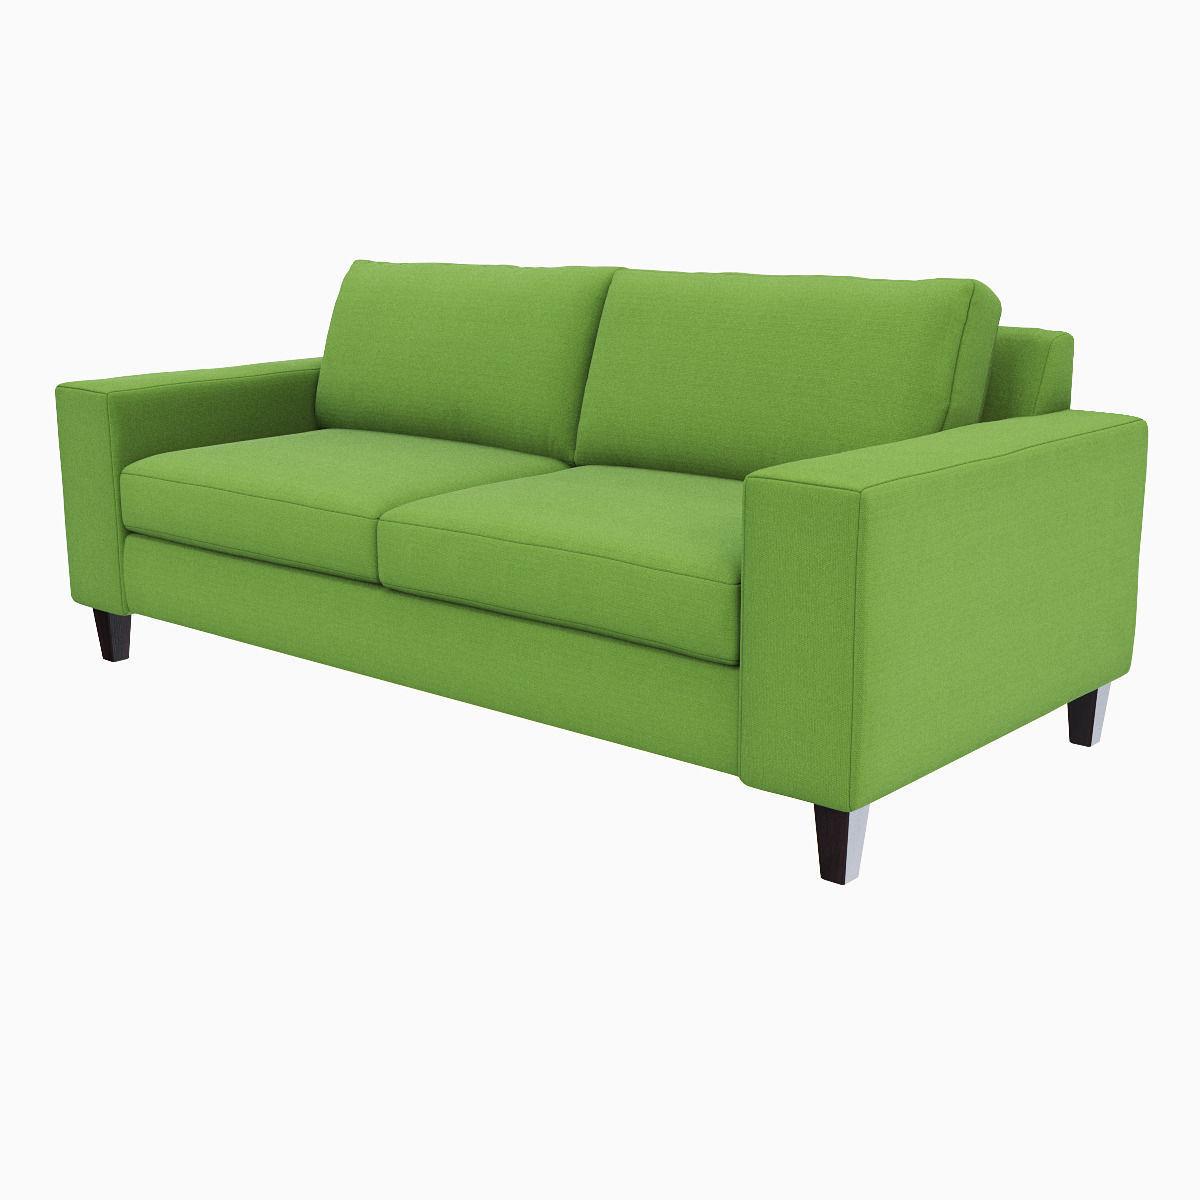 ... West Elm York Sofa 3d Model Max Obj Mtl Fbx 3 ...